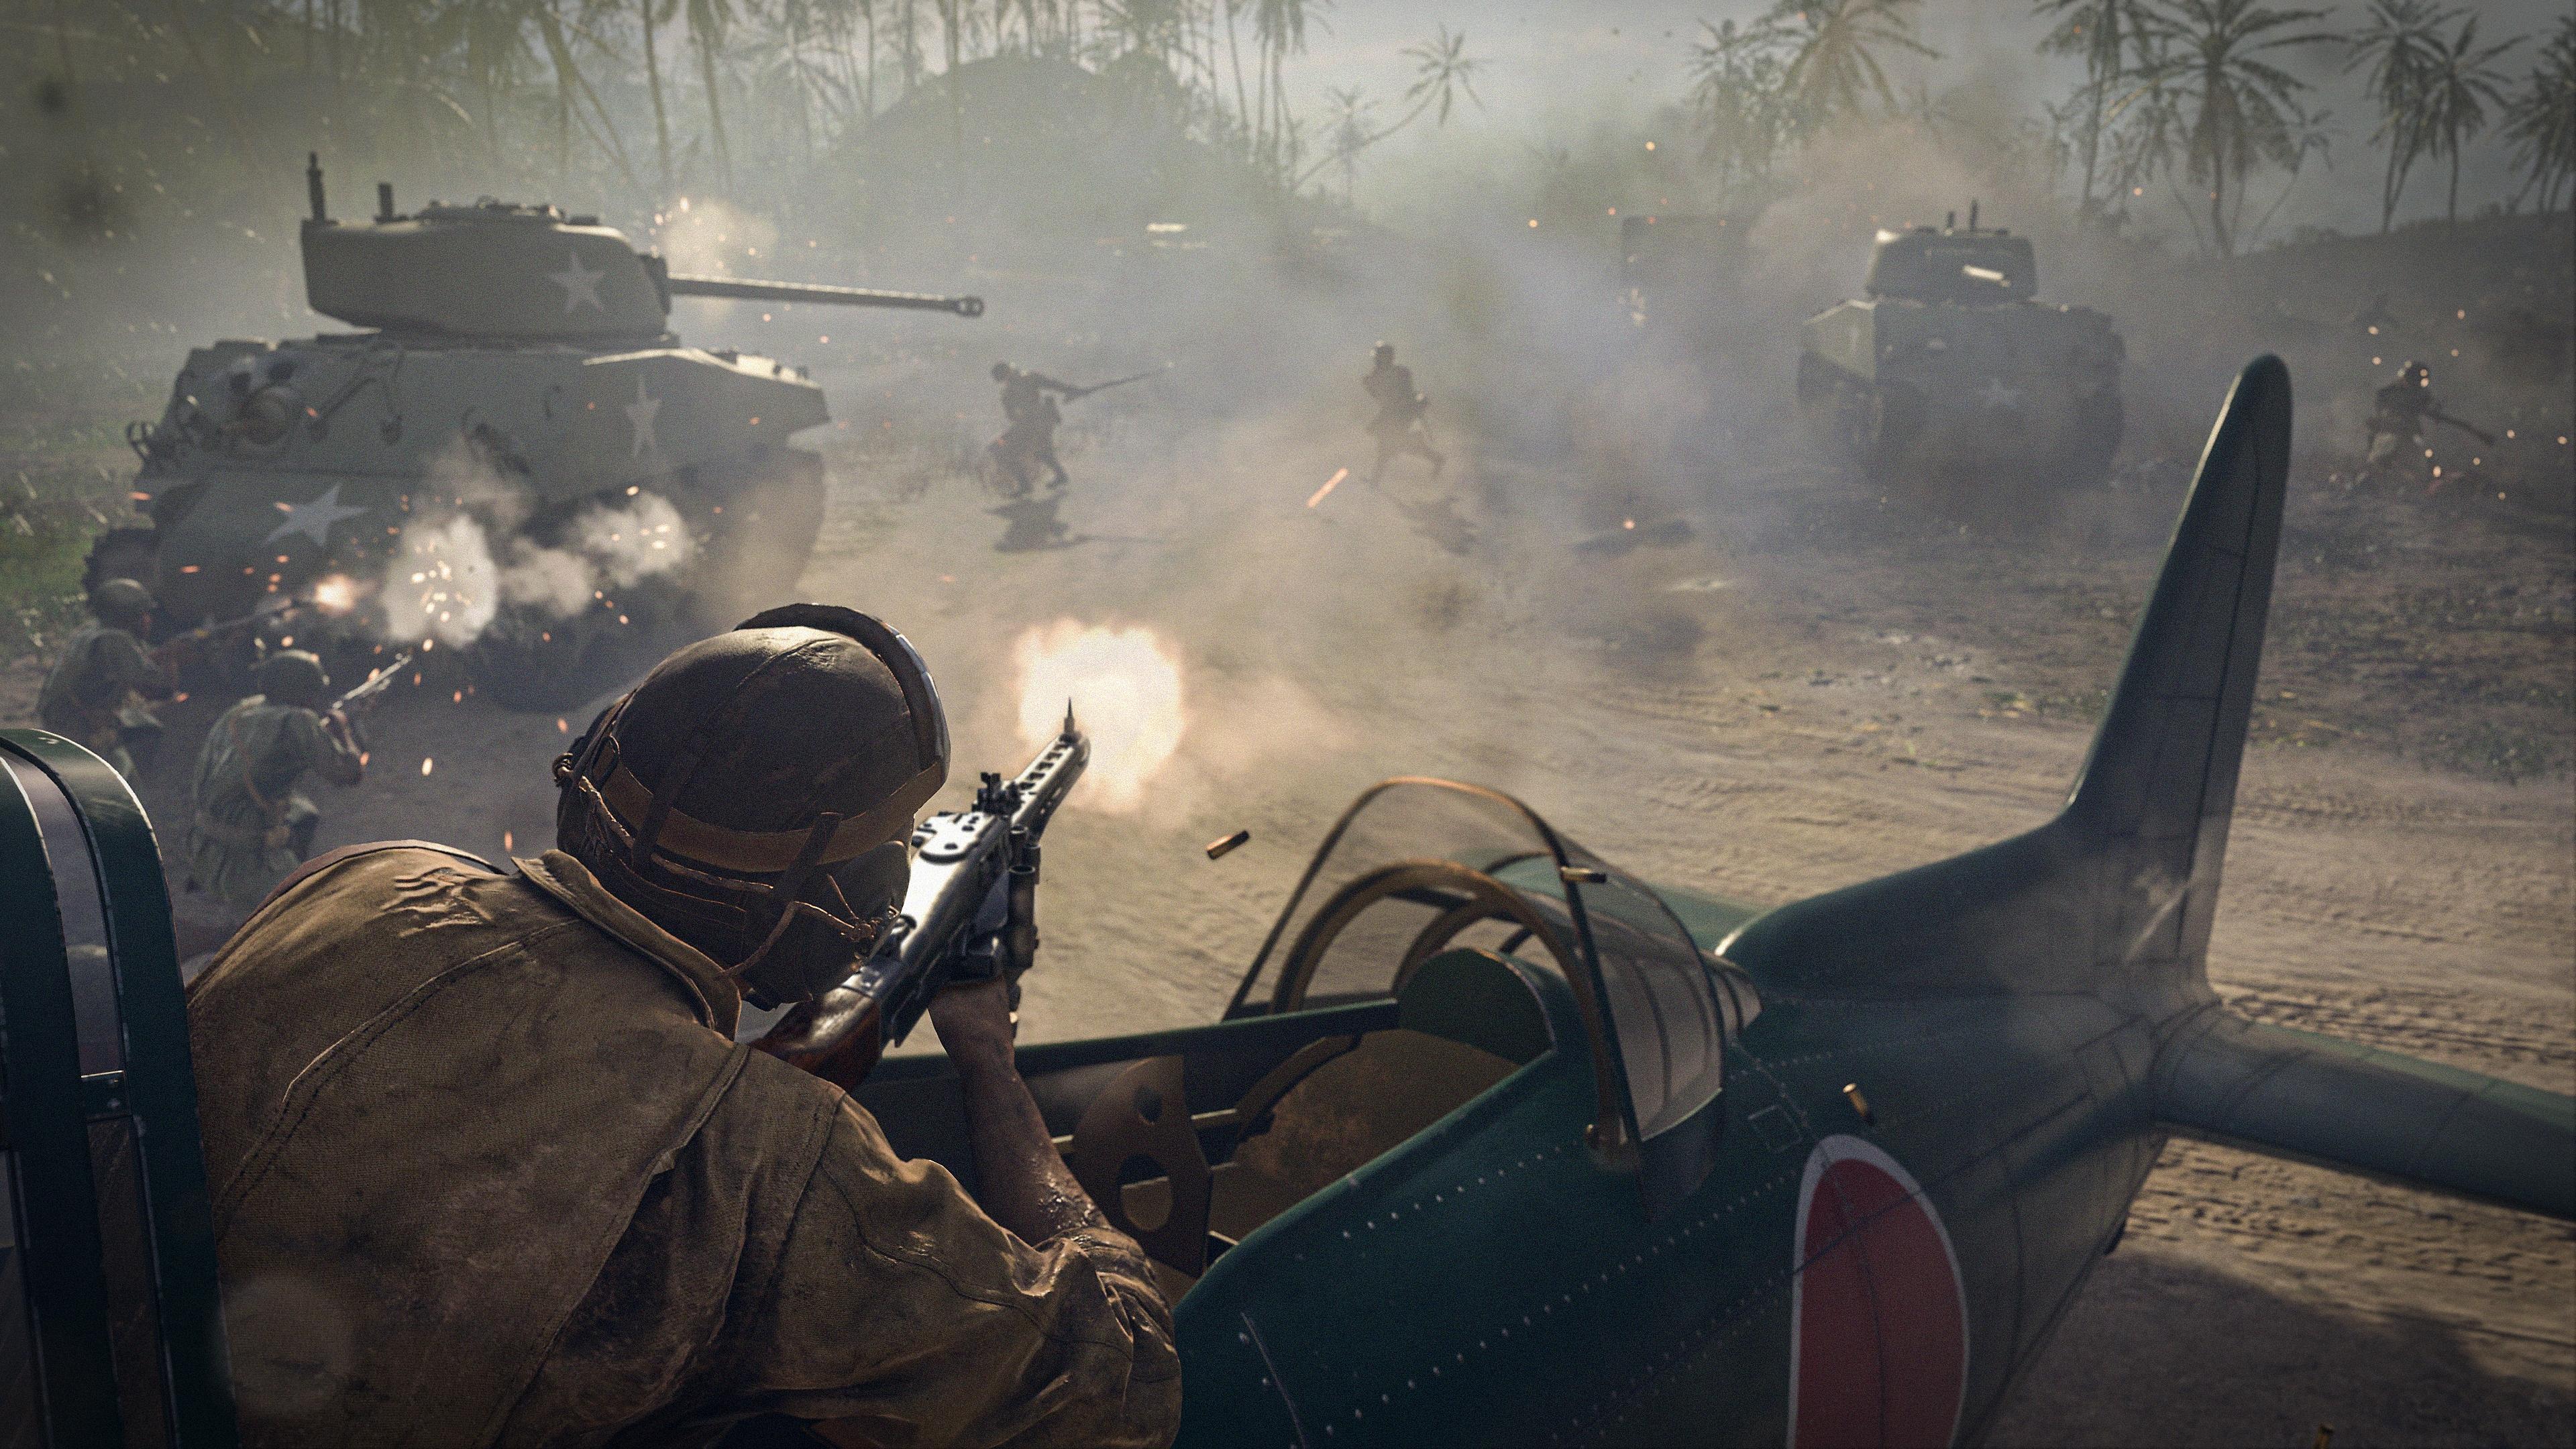 Captura de pantalla de Call of Duty Vanguard que muestra a un soldado disparando desde un avión